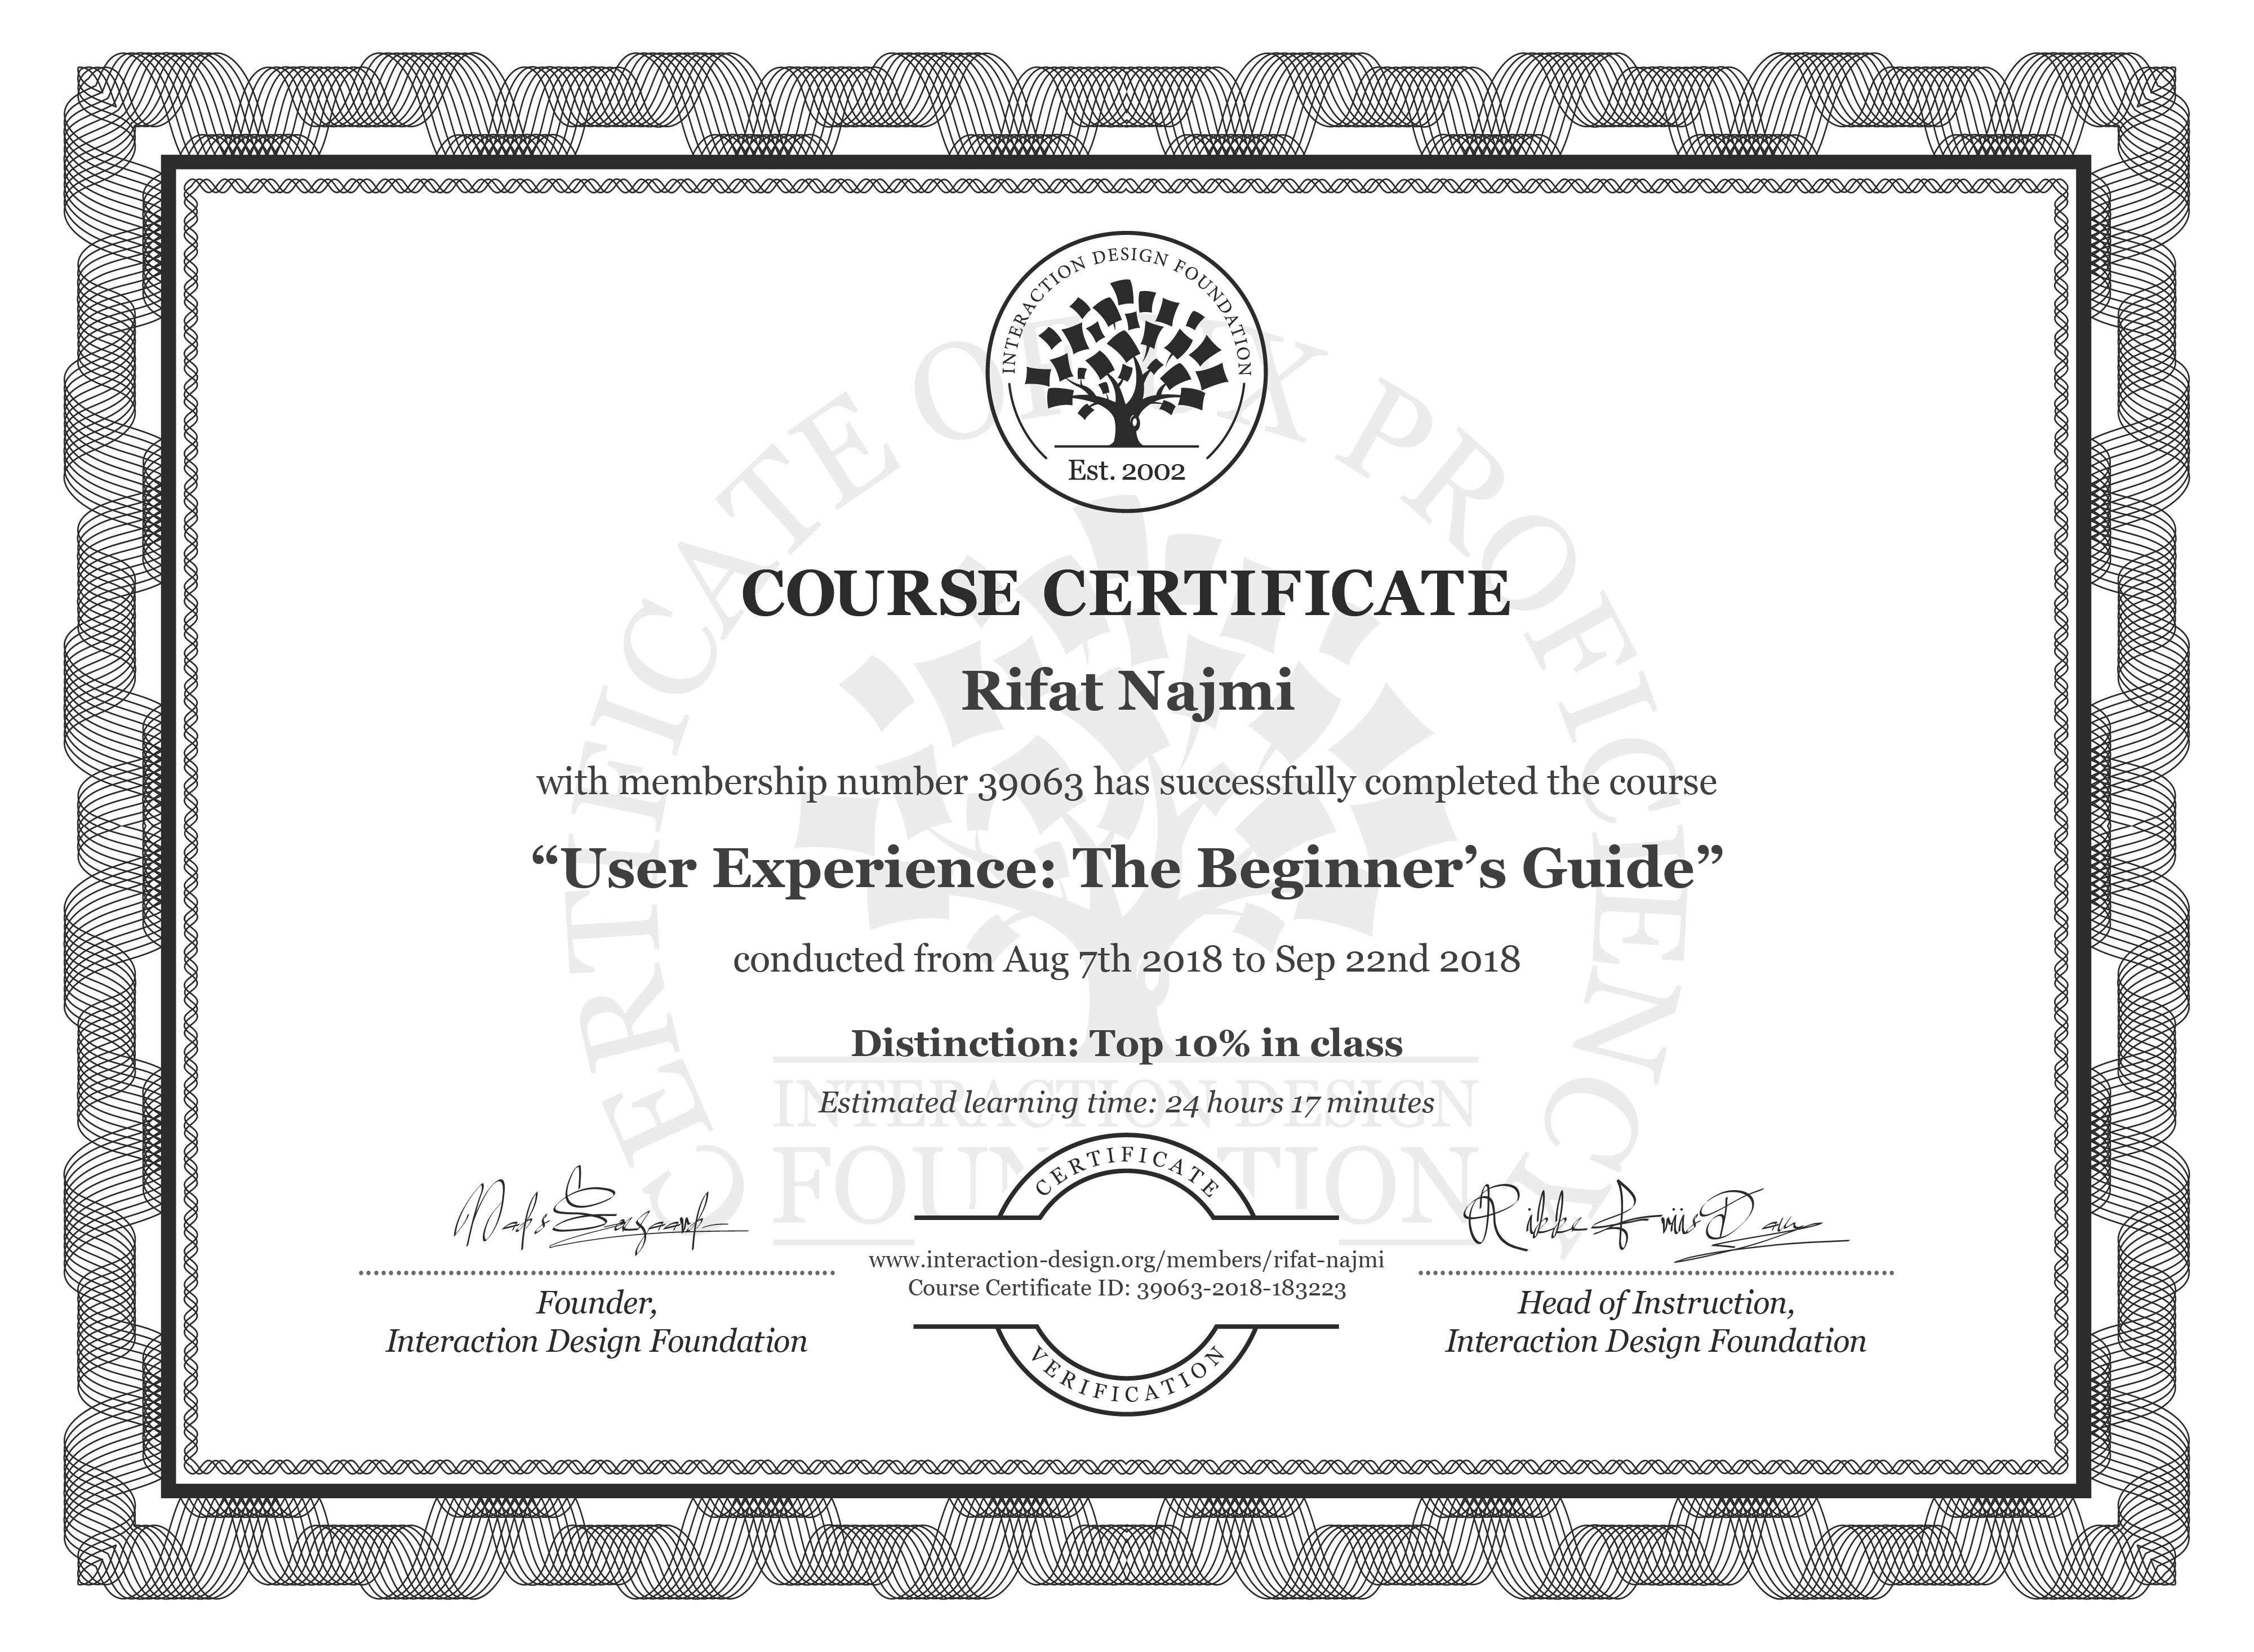 Rifat Najmi: Course Certificate - Become a UX Designer from Scratch